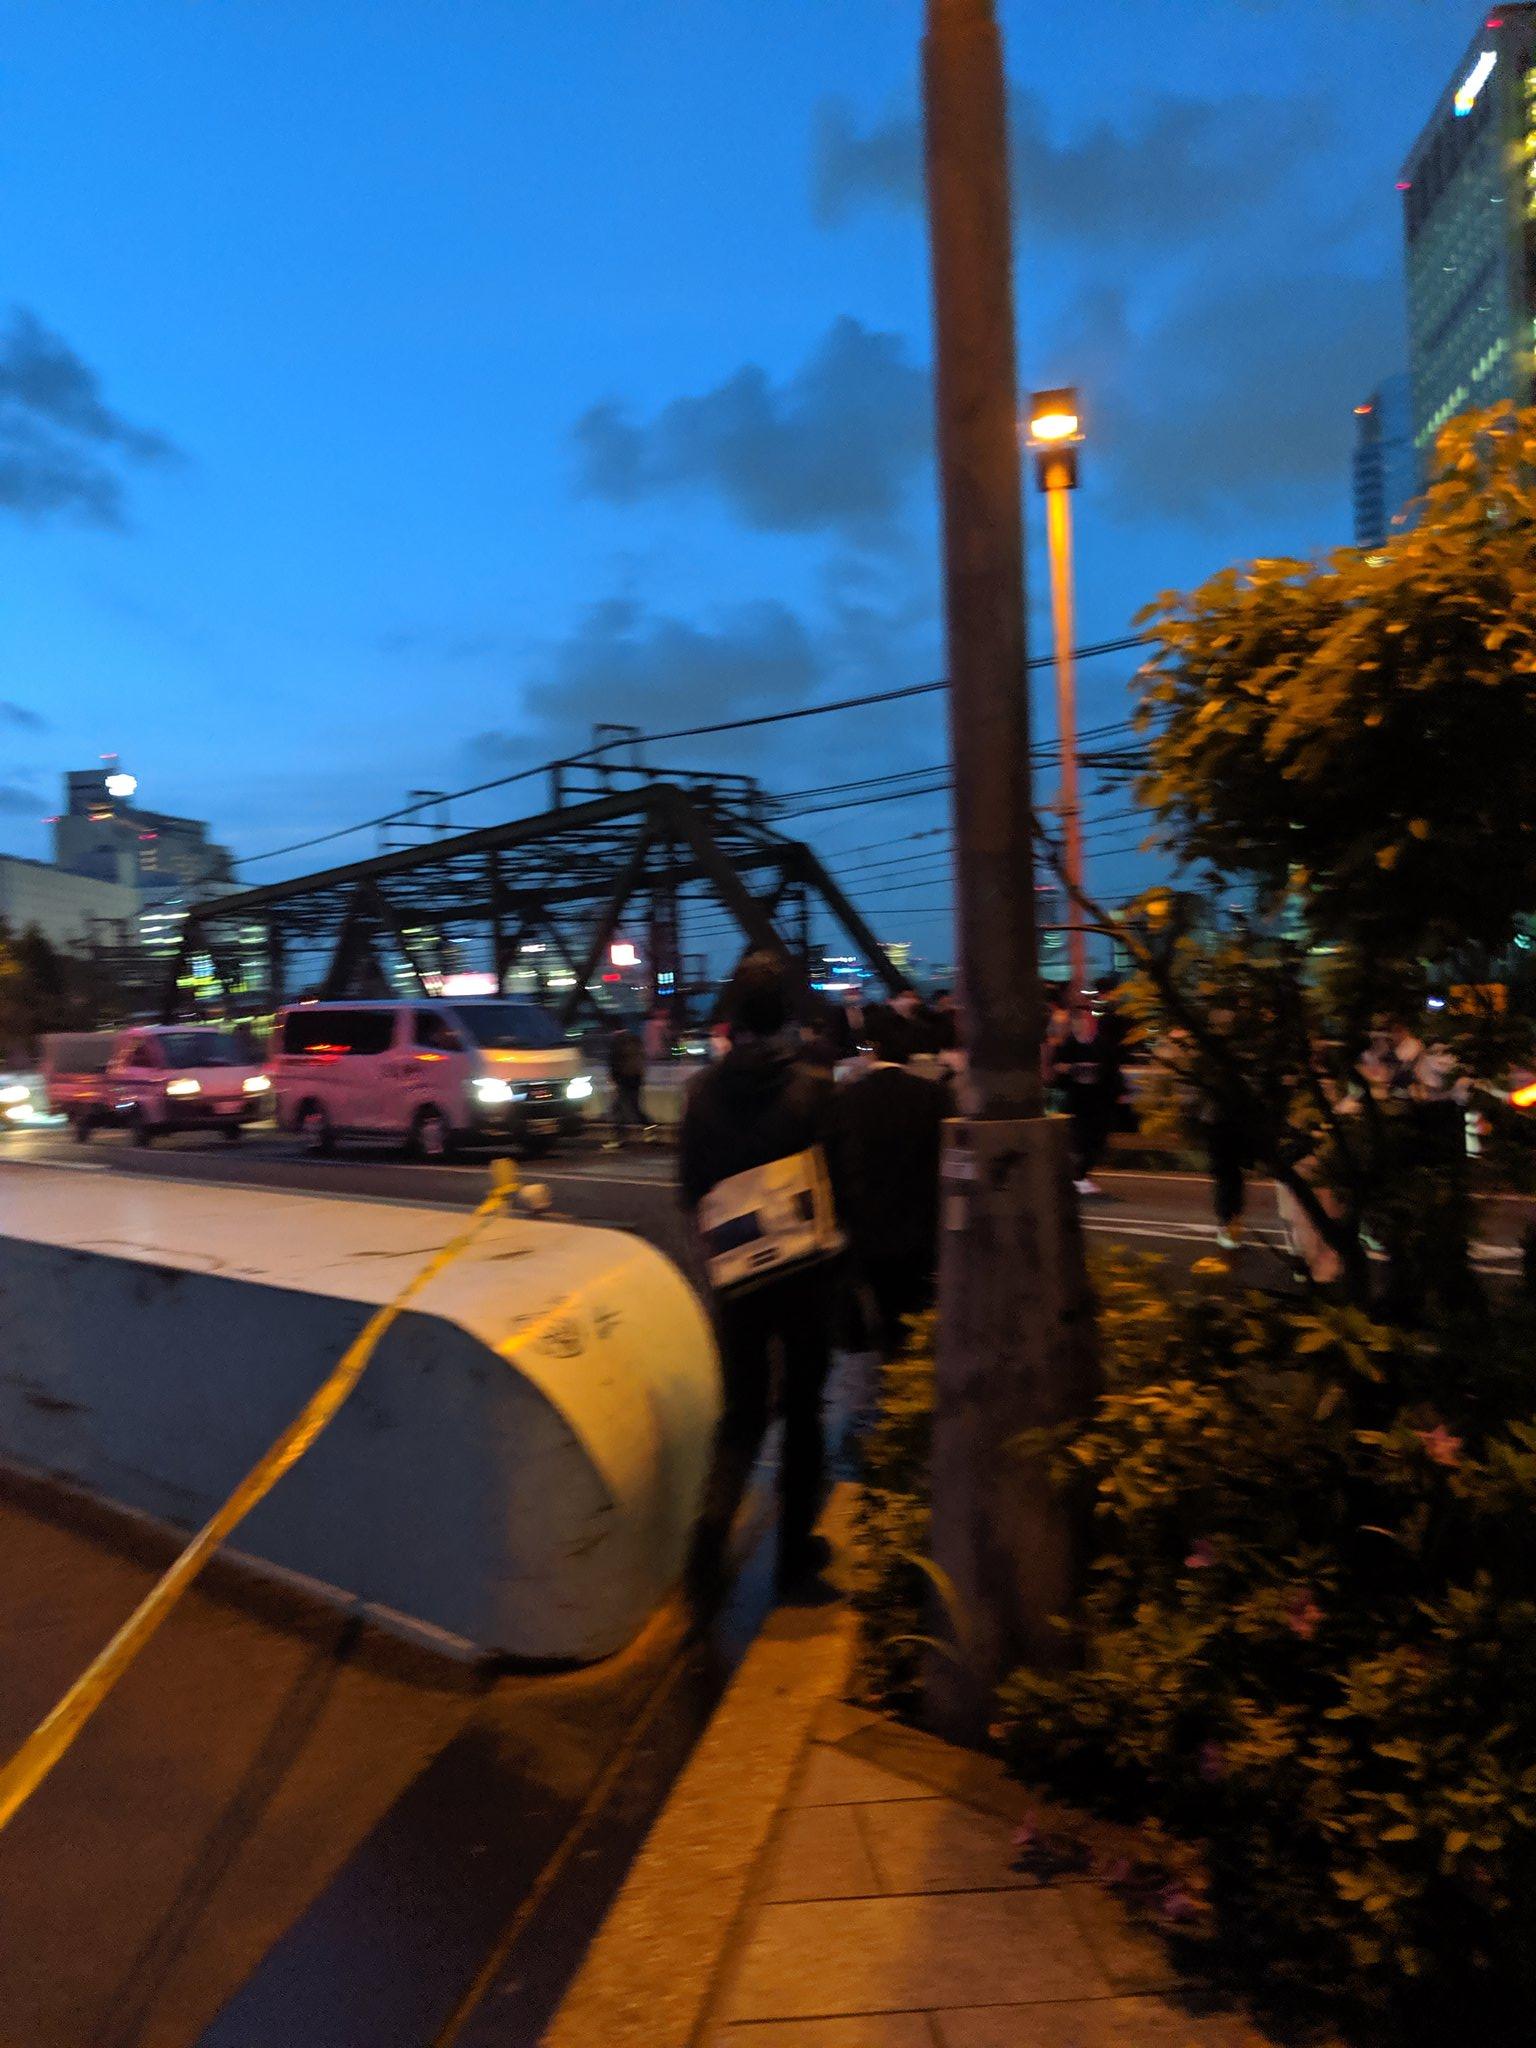 画像,@enewswdchi 現場は通行止め https://t.co/wLvdQXXGeL。